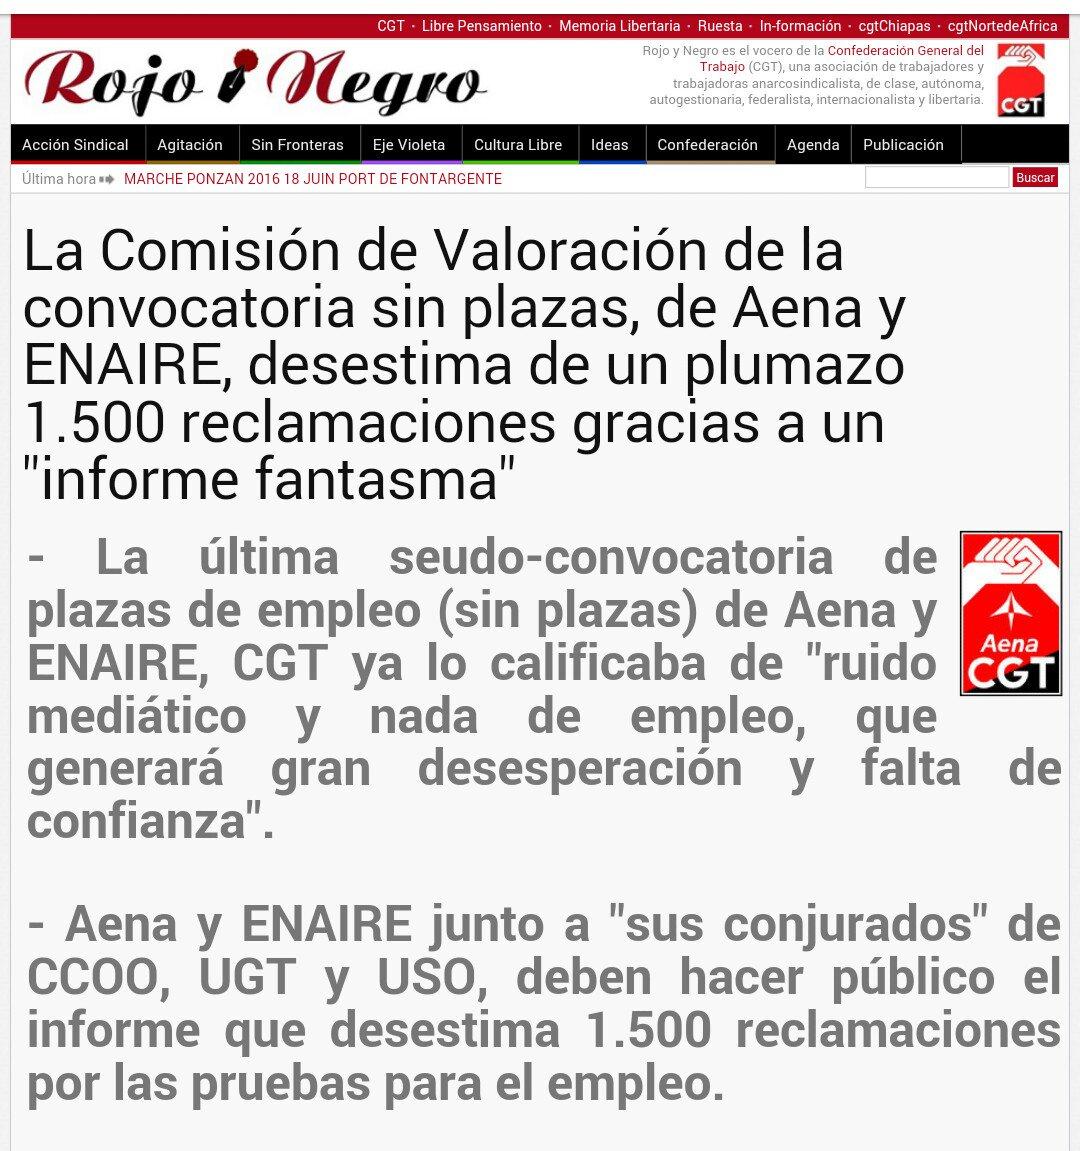 La Comisión de Valoración de la convocatoria sin plazas, de Aena y ENAIRE, desestima de un plumazo 1.500 reclamaciones gracias a un informe fantasma